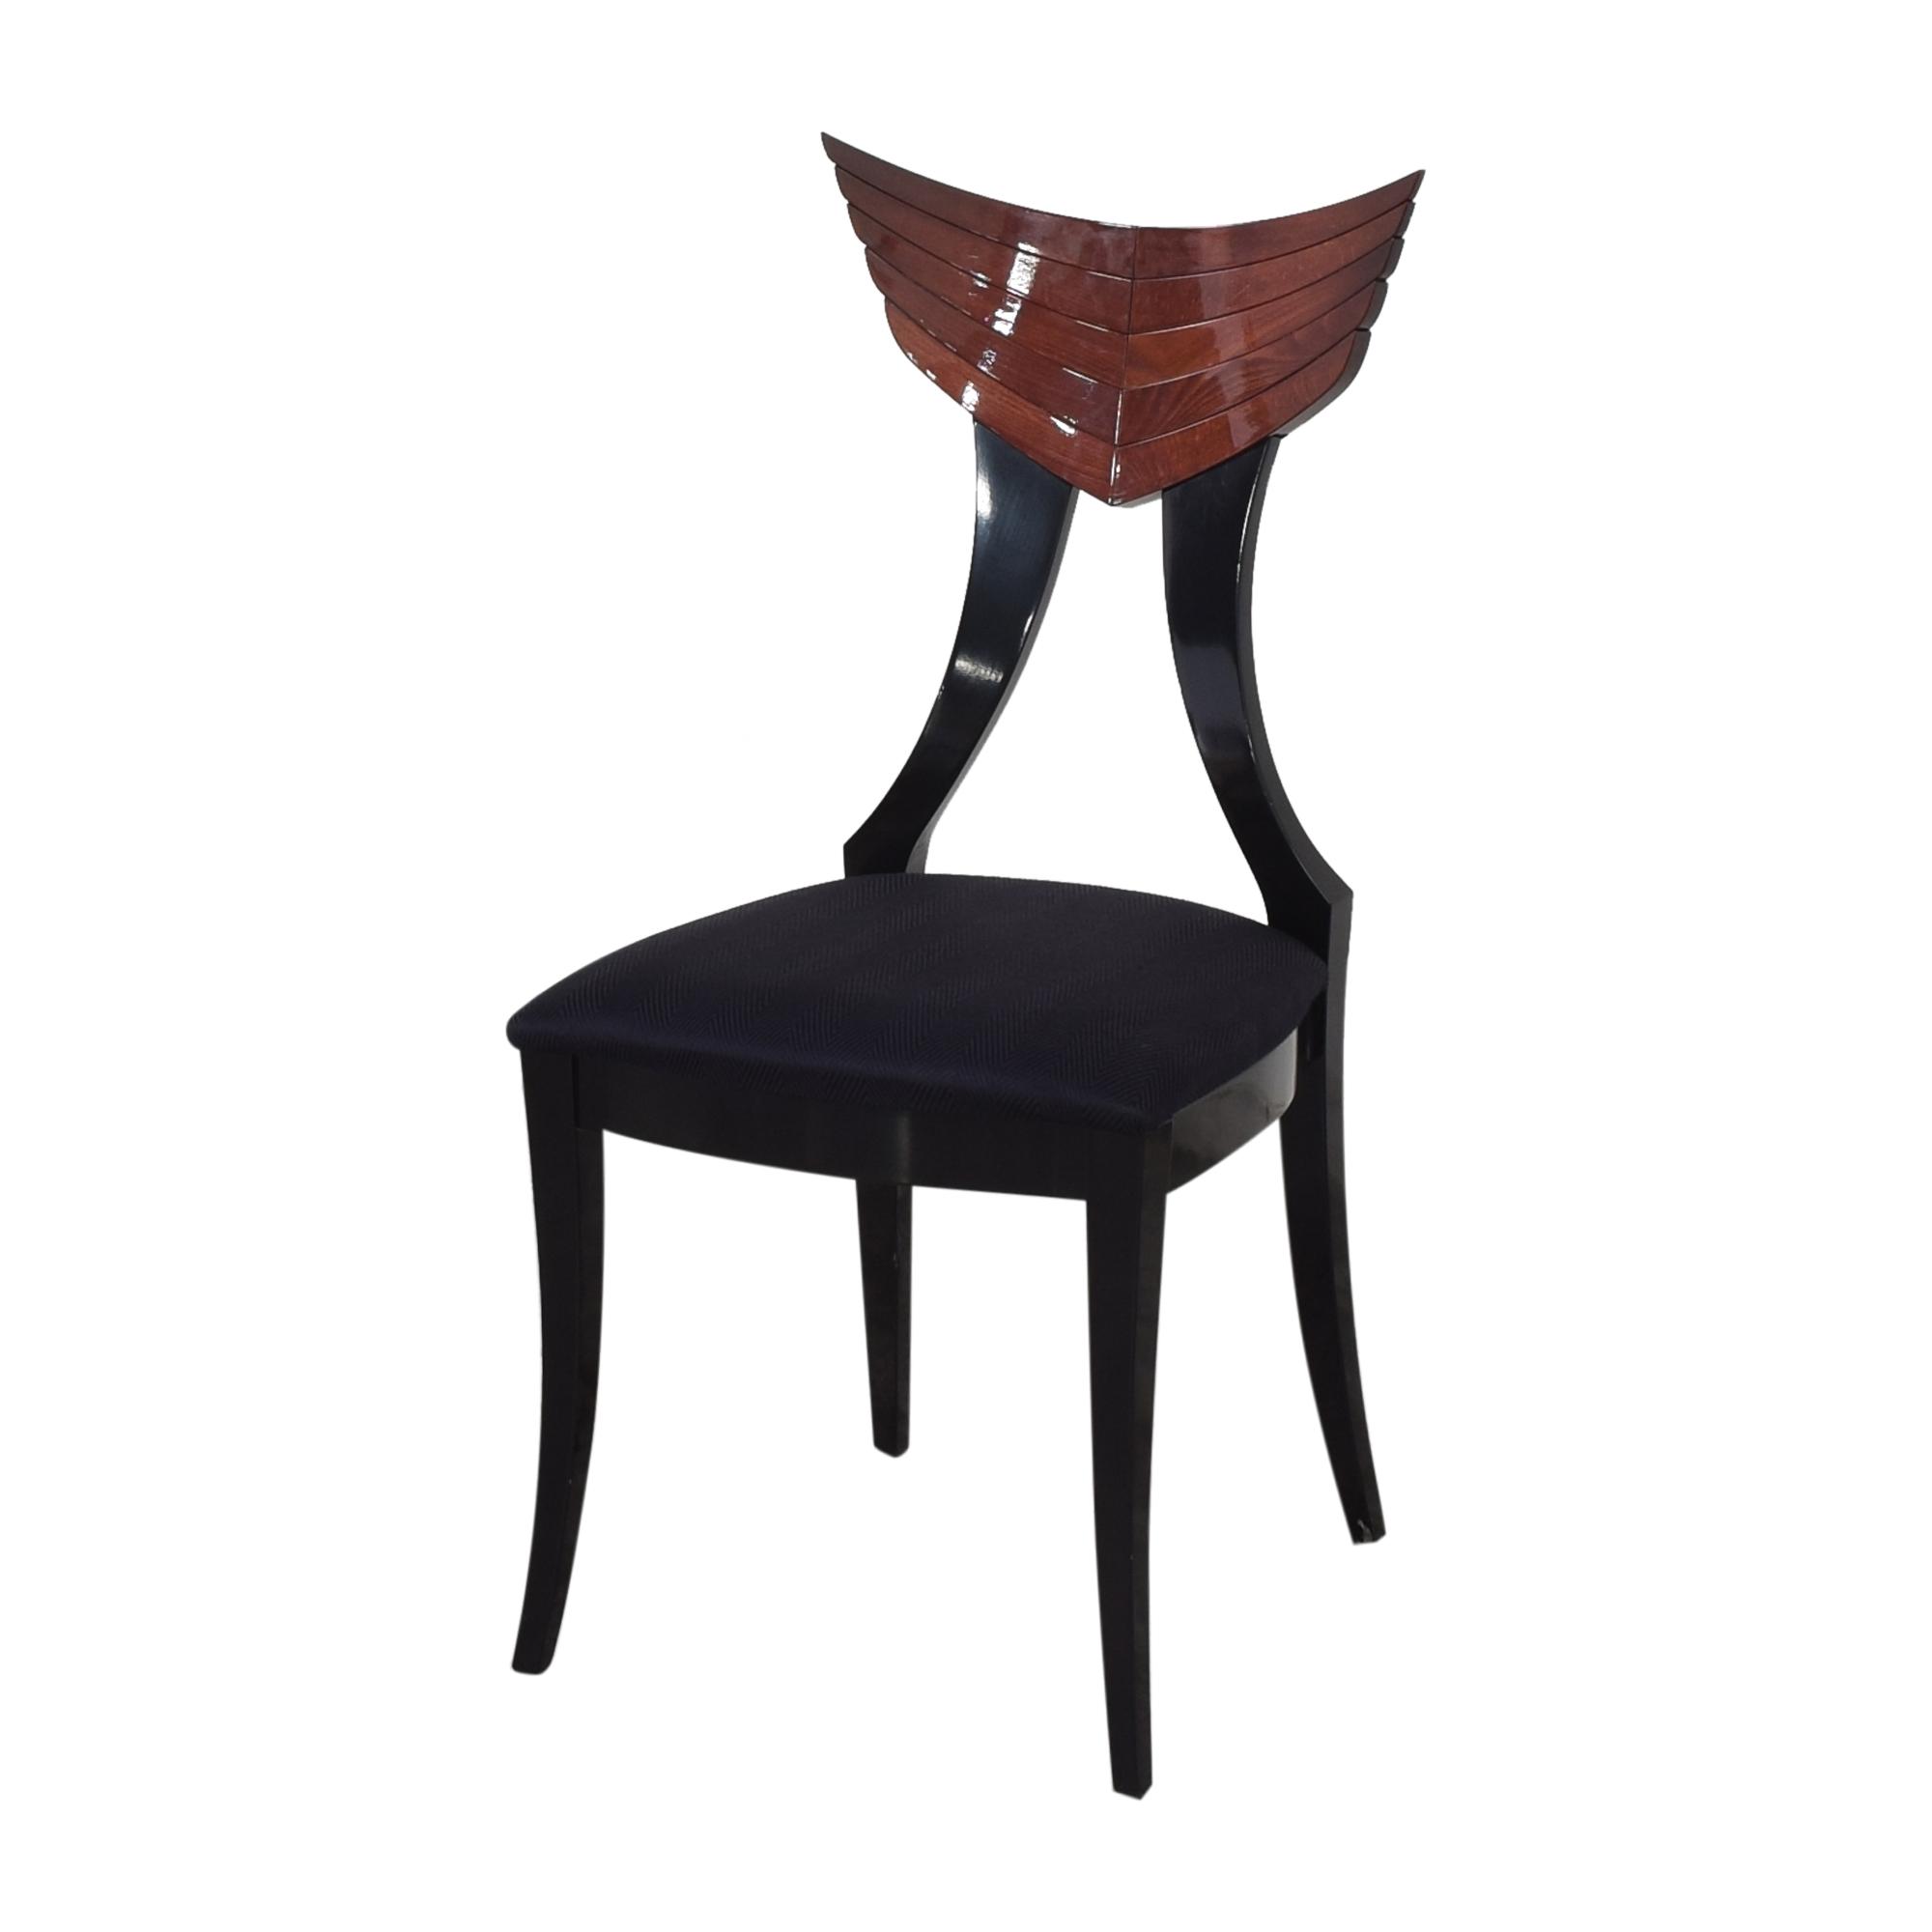 Ello Furniture Pietro Constantini for Ello Klismos Dining Chairs price